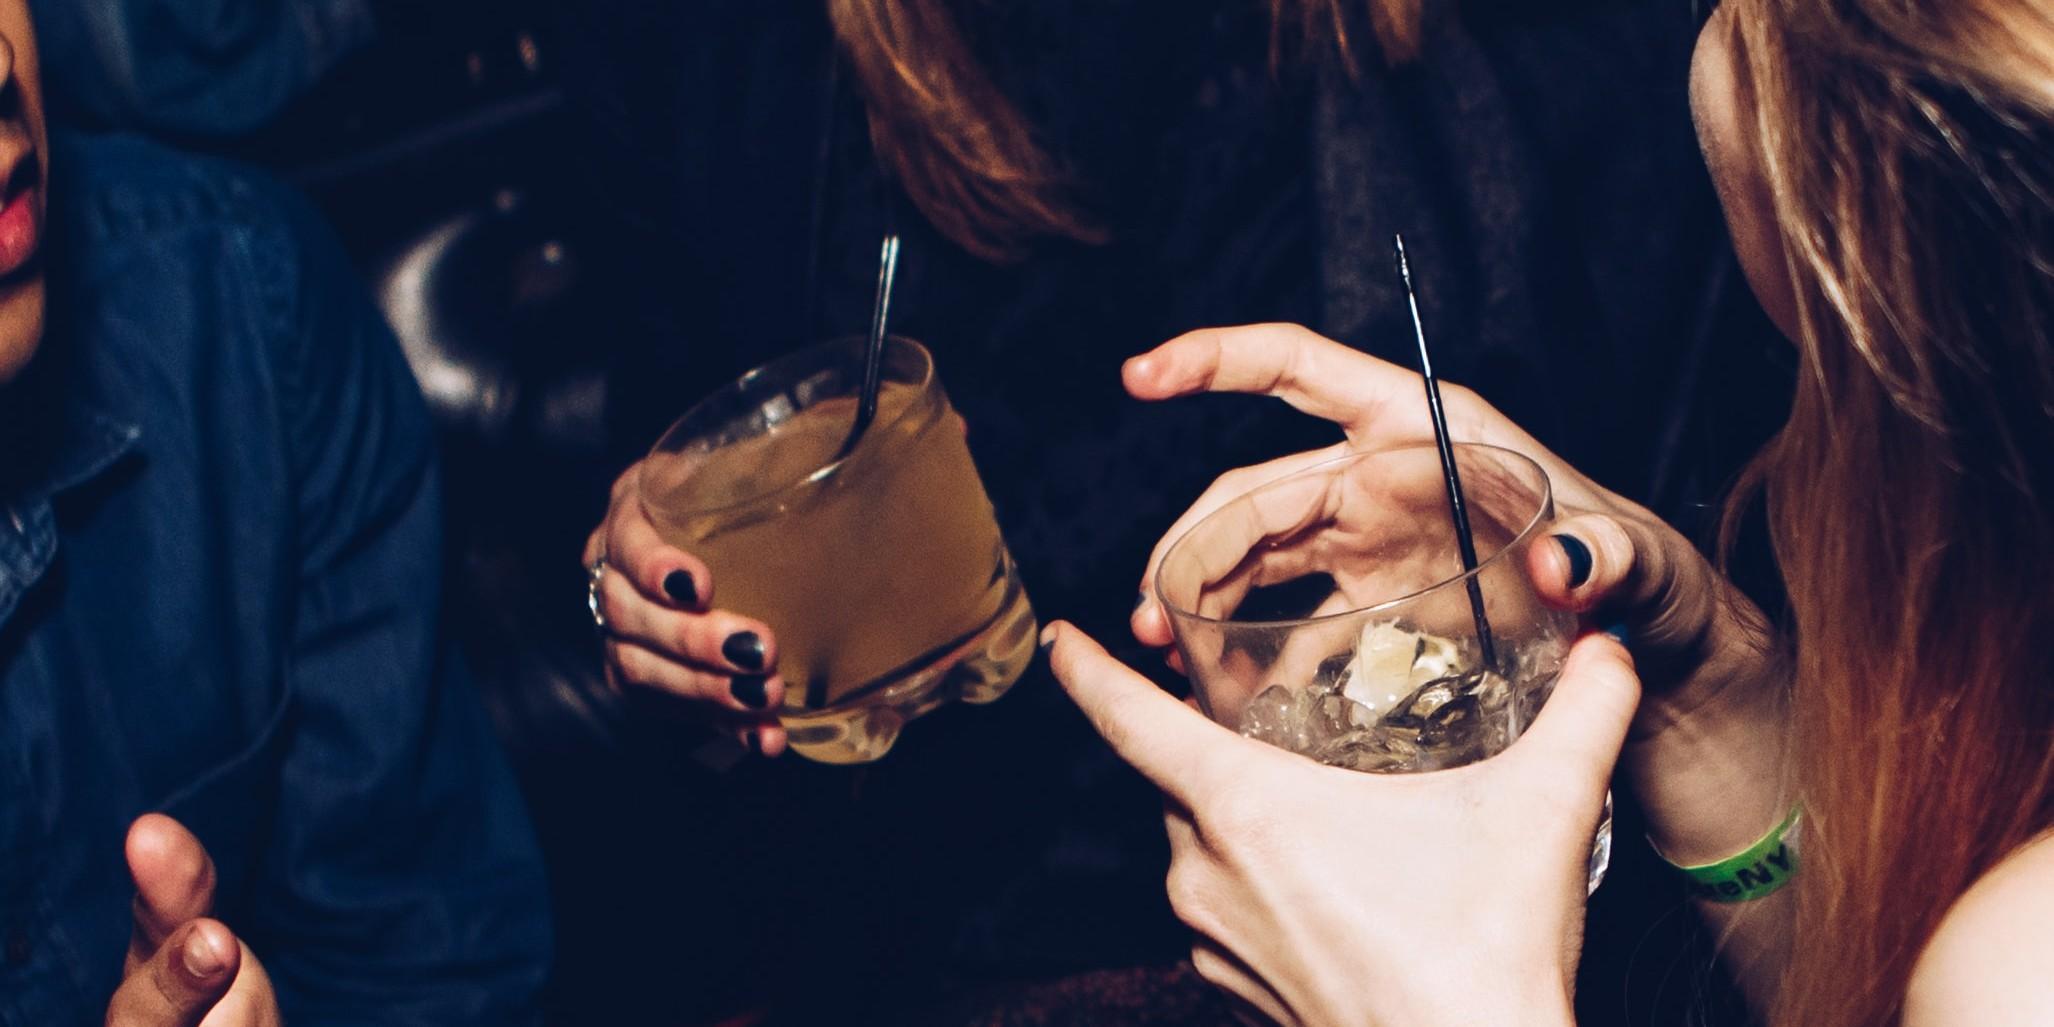 U klubove, restorane, na koncerte i svadbe od 1. lipnja, ali samo pod jednim uvjetom